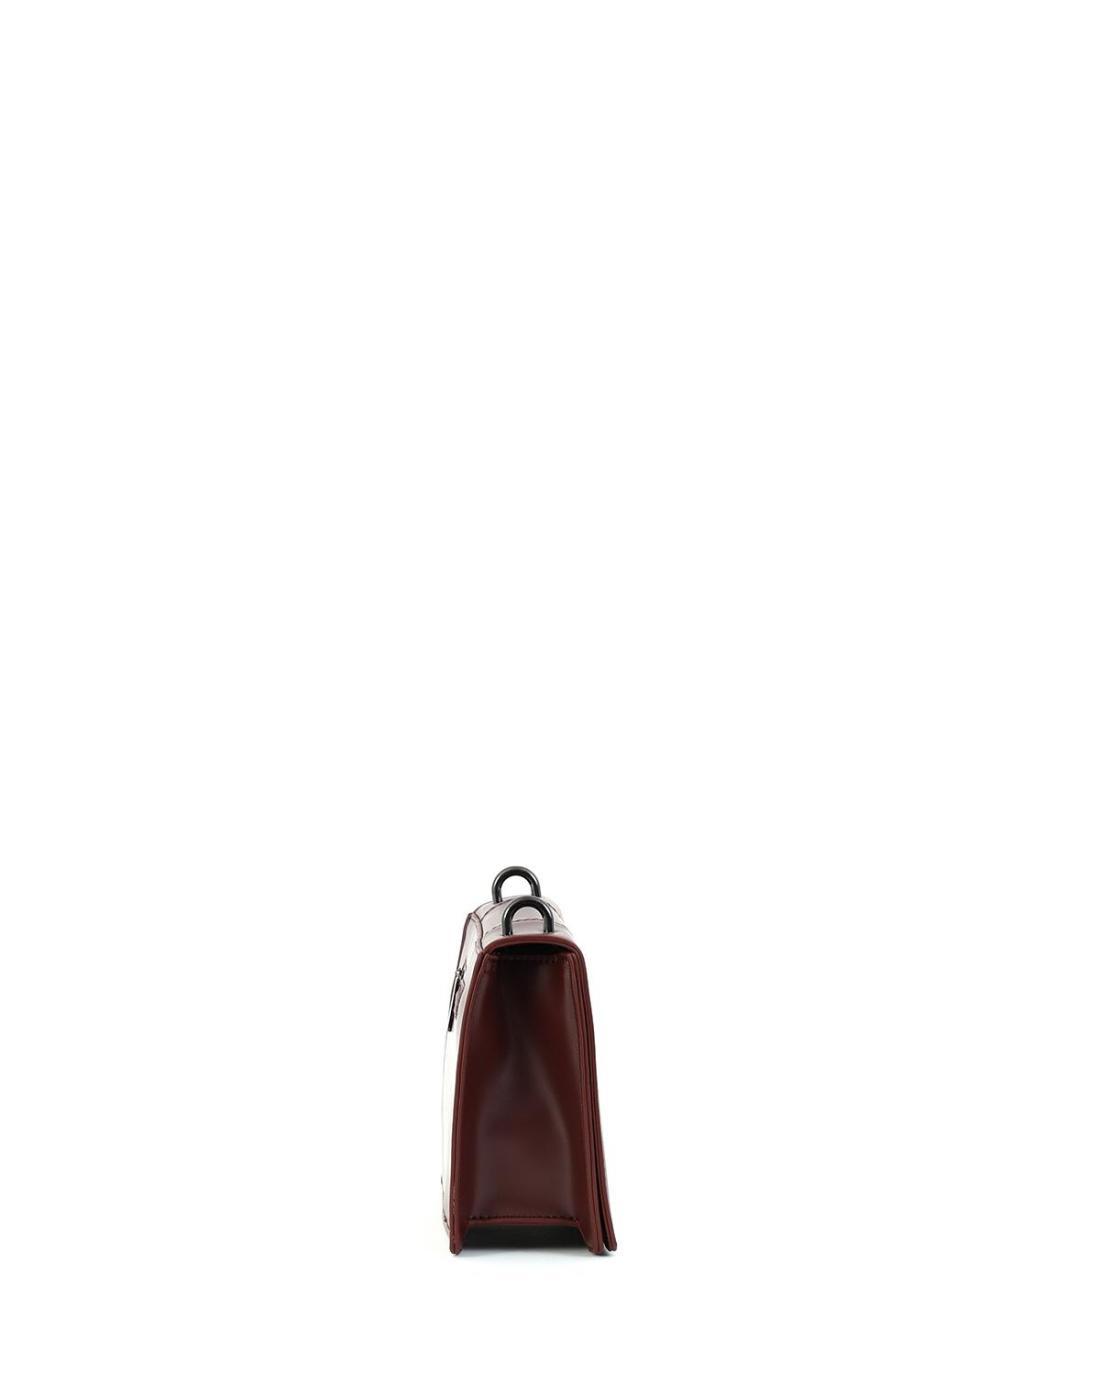 Brown cross body bag